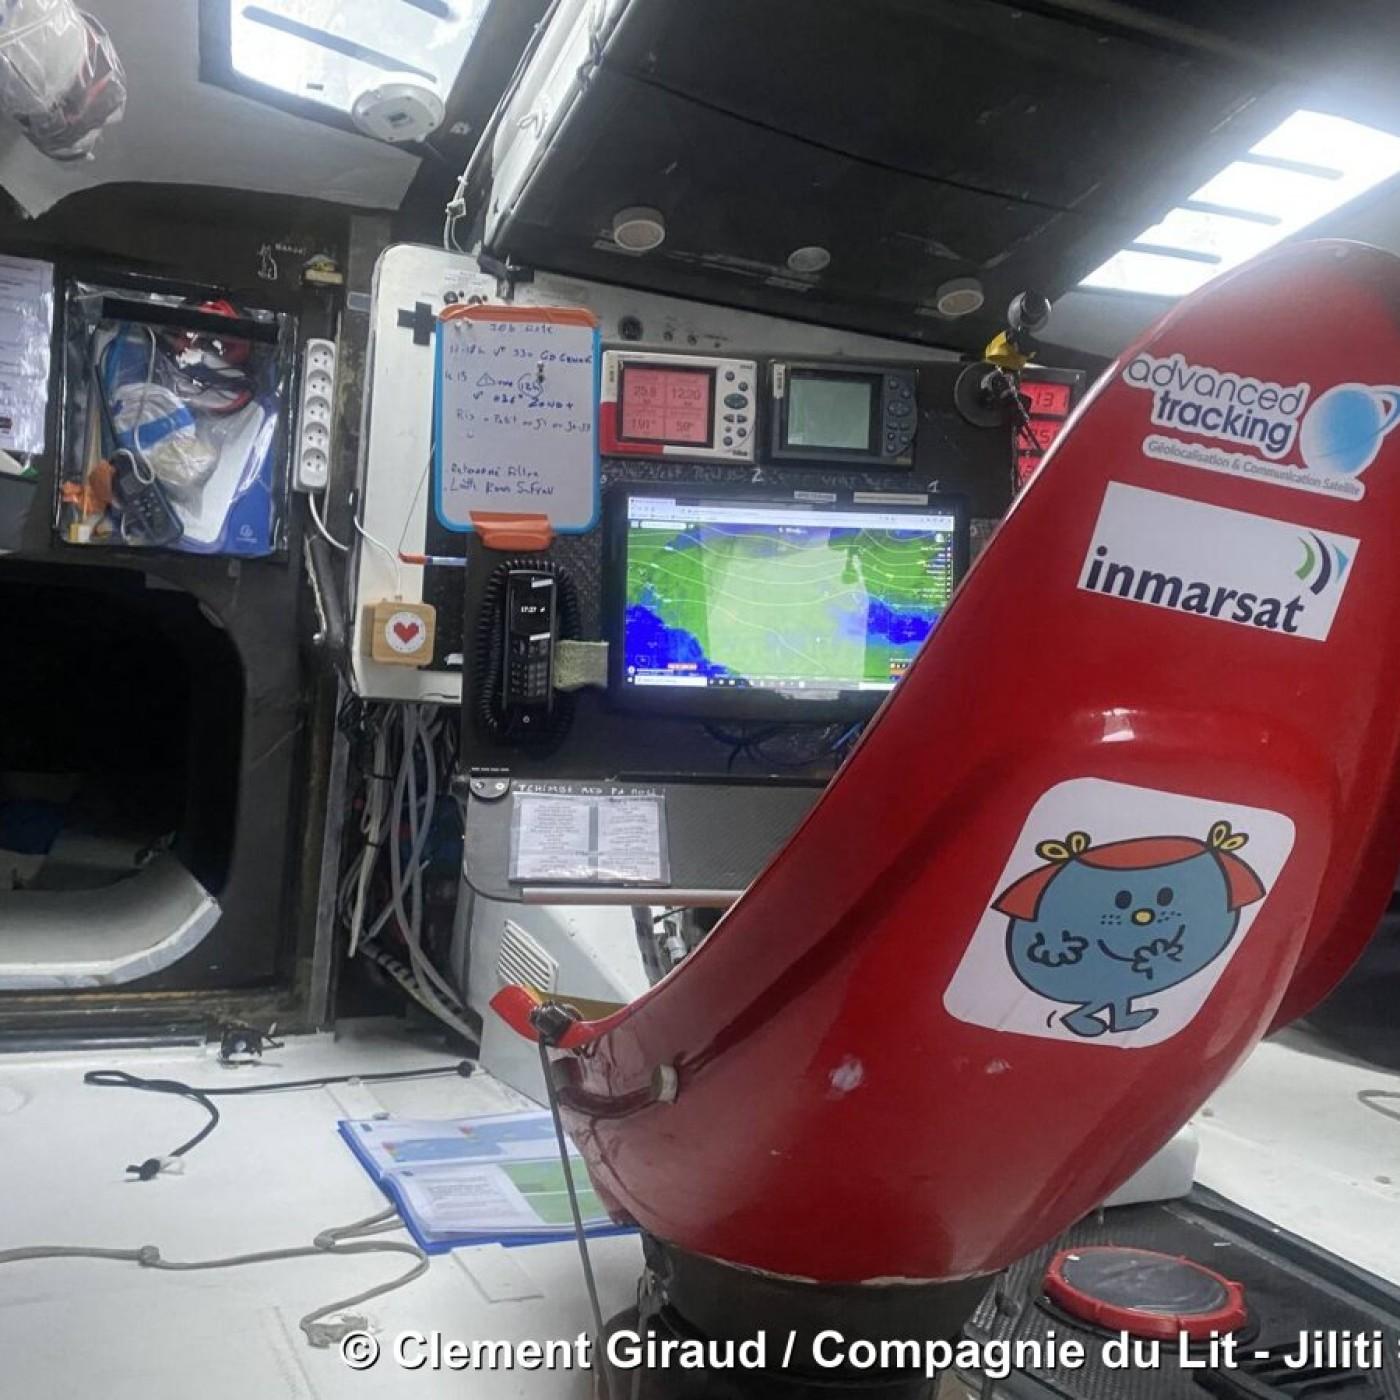 Clément Giraud - Confiné, il décrit ses conditions de vie a bord - Globe Trotter 08 04 - Janv 2021 - StereoChic Radio